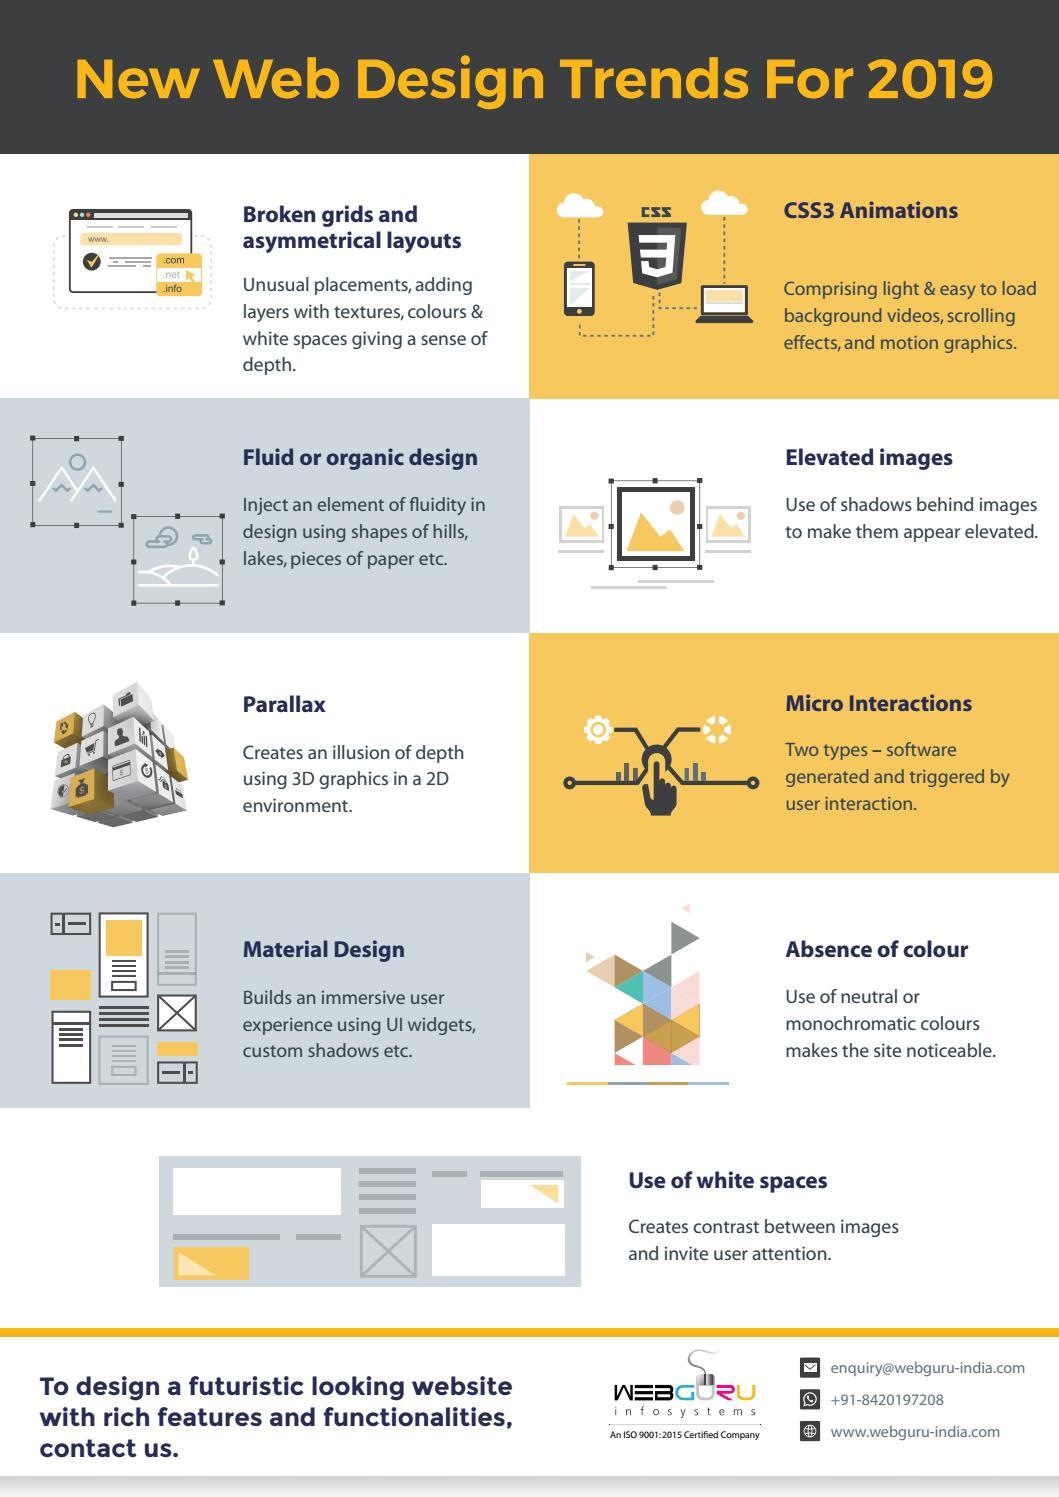 Website Design Trends 2019 – An Infographic by WebGuru Infosystems